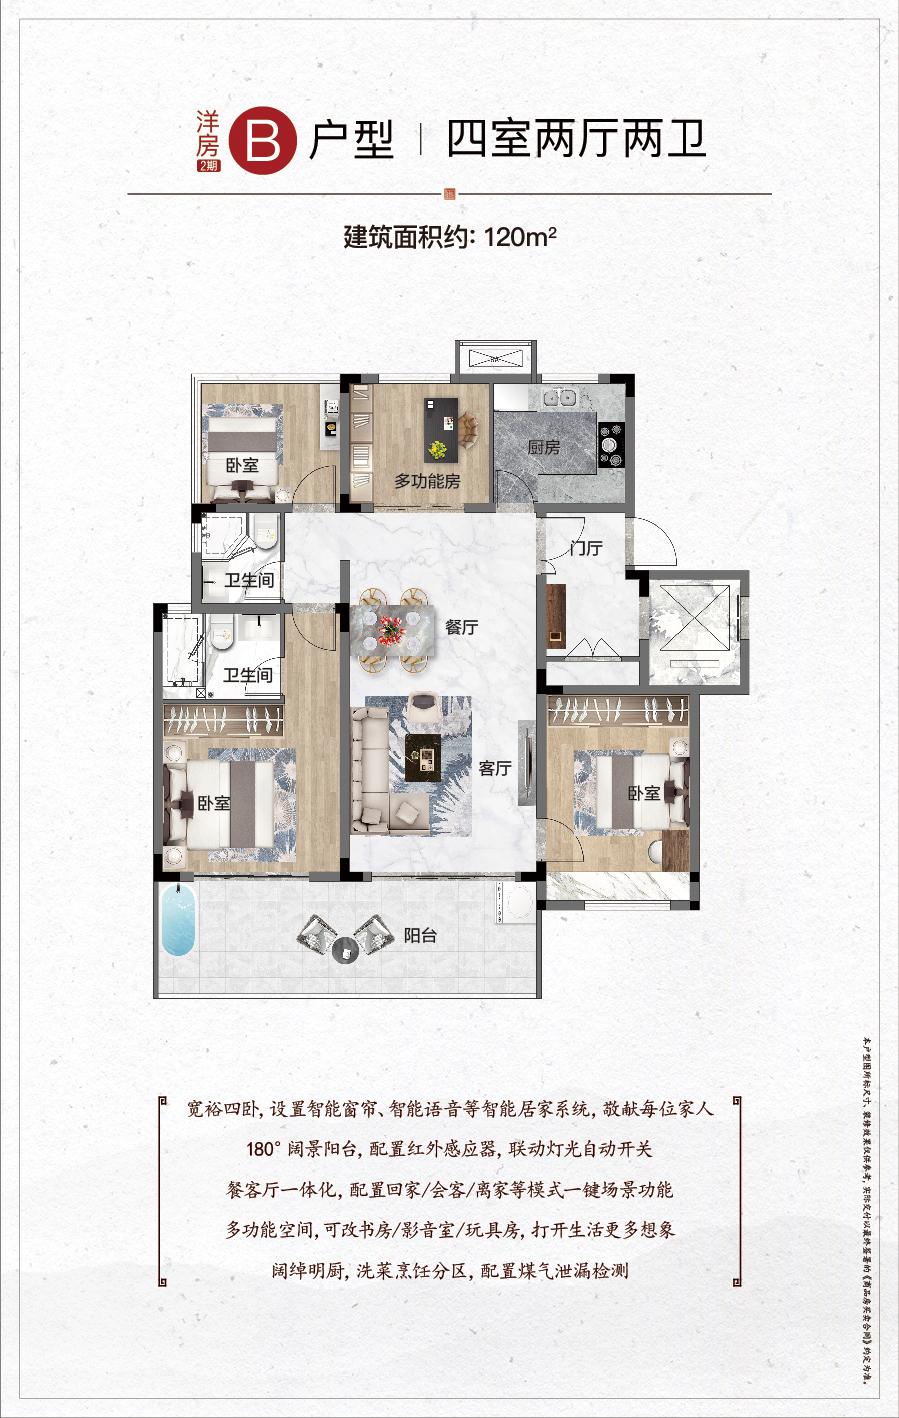 二期洋房B户型 4室2厅2卫 建面约120㎡